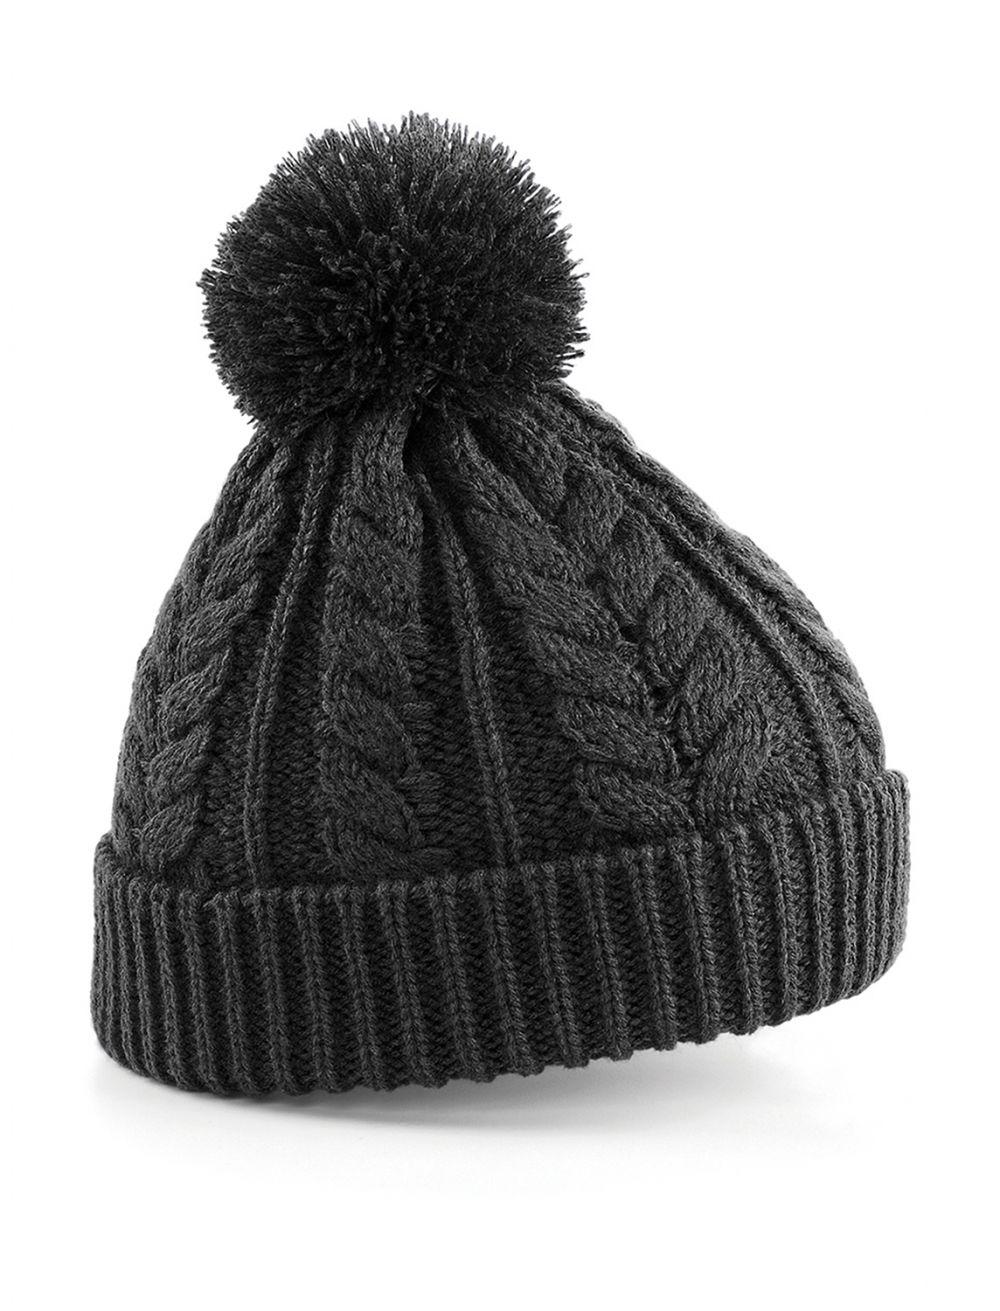 Gorros invierno beechfield snowstar de punto para personalizar vista 1